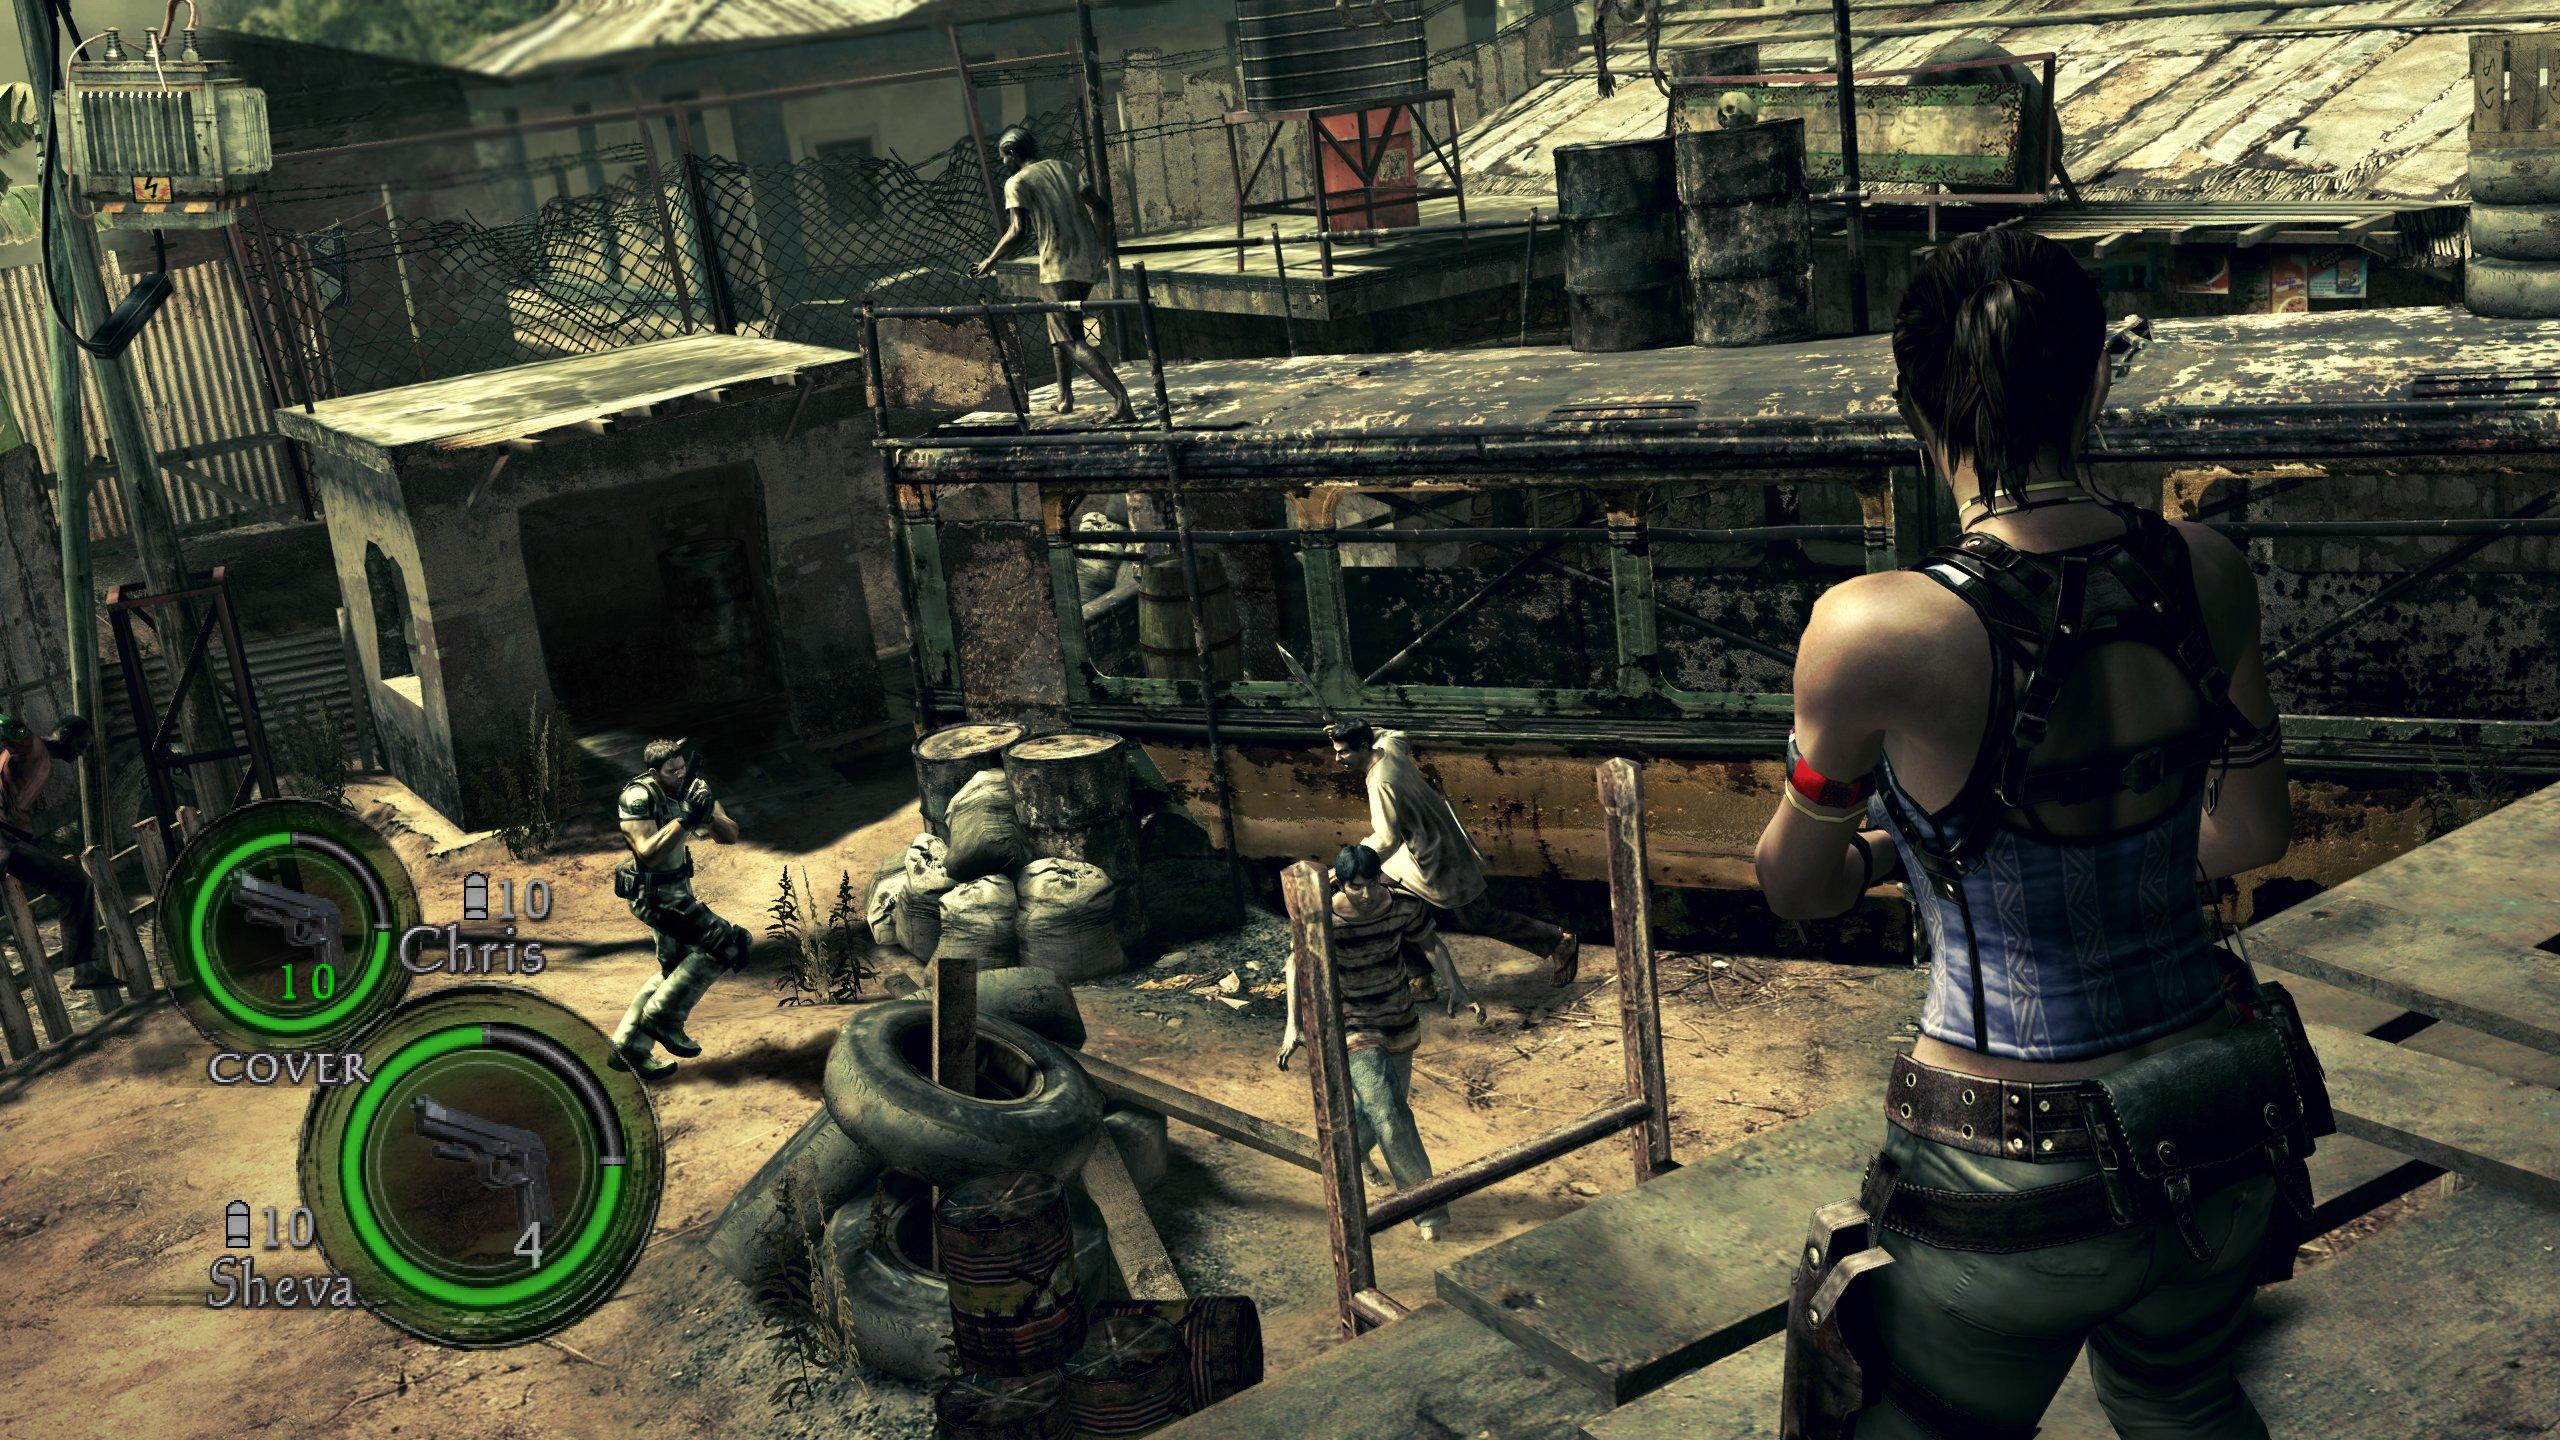 《生化危机5》最新游戏画面(2)图片